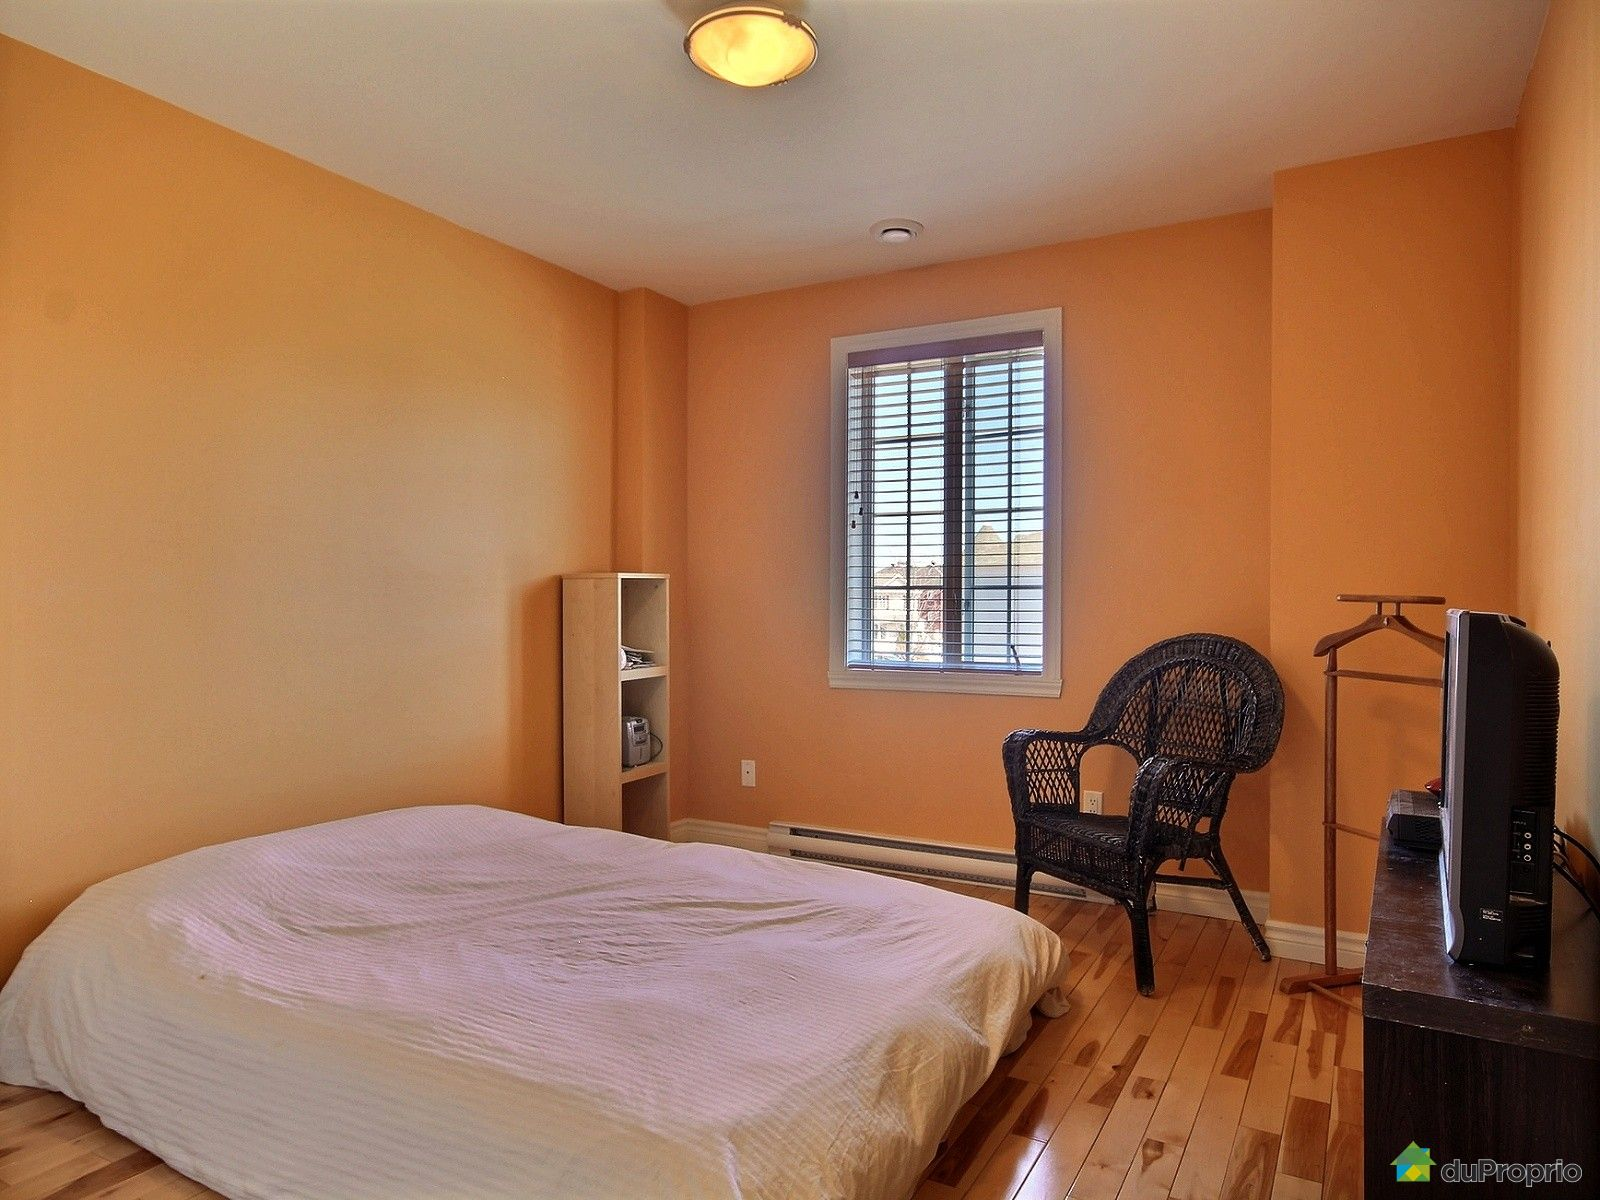 Maison à vendre cap rouge, 4663 rue pierre campagna, immobilier ...